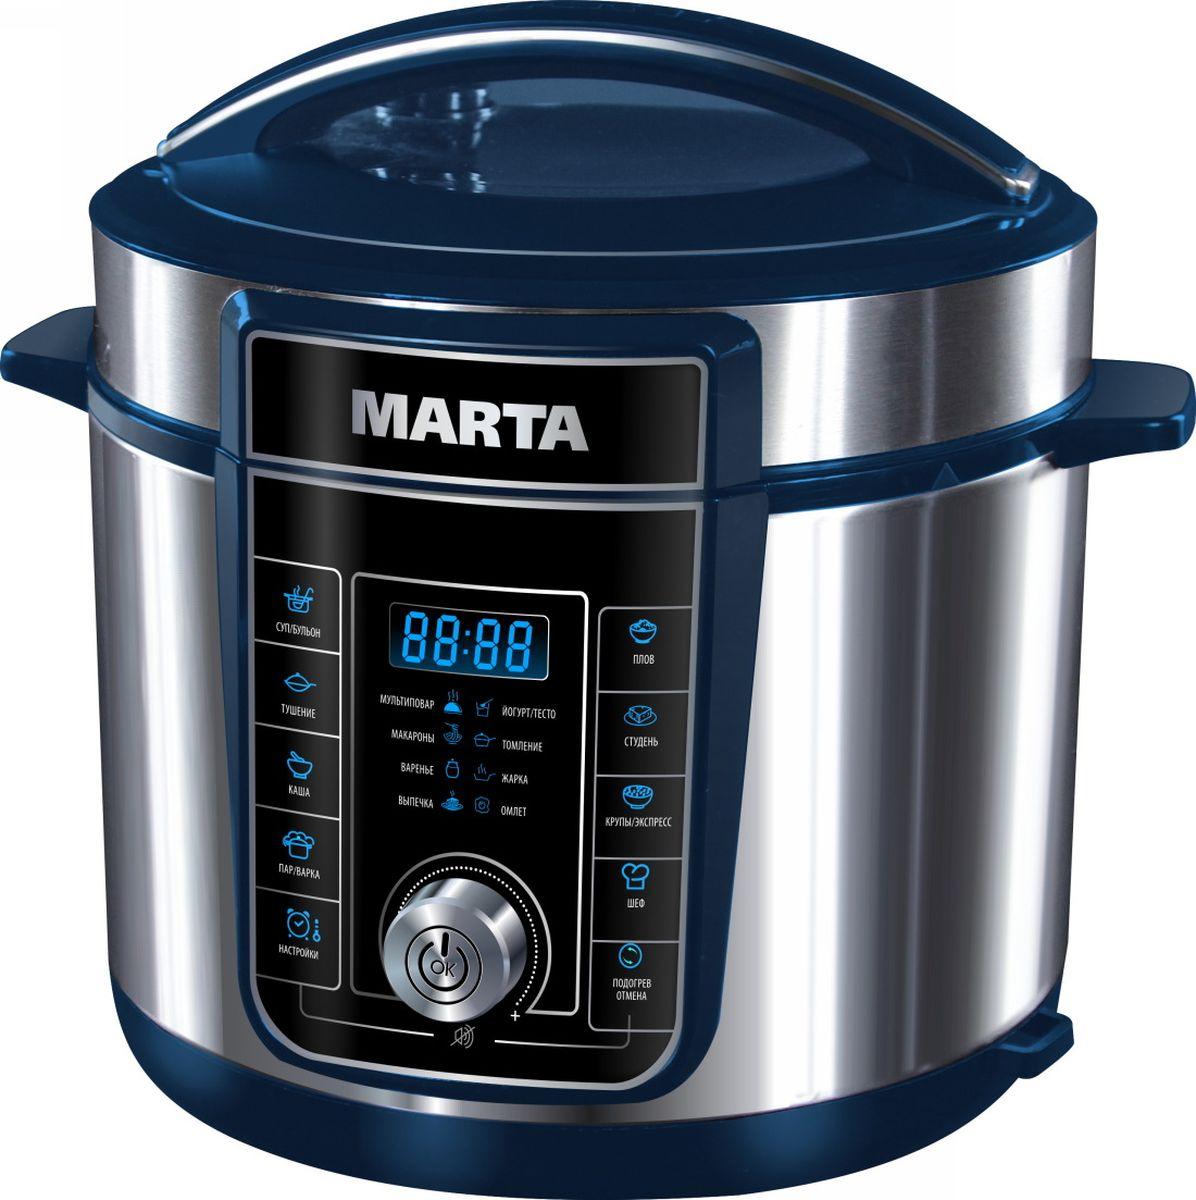 Marta MT-4321, Blue Sapphire мультиваркаMT-4321 сапфирMarta MT-4321 - уникальная мультиварка-скороварка, обладающая совершенным дизайном и всеми возможными функциями. Прибор позволяет готовить с давлением и без давления.Marta MT-4321 комплектуется чашей с керамическим покрытием. Главной особенностью модели является то, что это универсальное устройство, которое совмещает функции мультиварки и скороварки. В ней есть программы, которые используют технологию приготовления пищи под давлением, а есть программы, присущие простым мультиваркам, в которых приготовление происходит без давления.Ваше блюдо никогда не подгорит, сохранит свой вкус, аромат и витамины. Сенсорная панель и джойстик дарят простоту и удобство управления. 32 программы приготовления, из которых 16 - полностью автоматические: 8 работают в режиме скороварки и 8 - в режиме мультиварки. Остальные 16 программ настраиваются вручную. А для полного раскрытия кулинарного таланта - программа Мультиповар в комбинации с программой Шеф и функцией Шеф Про!